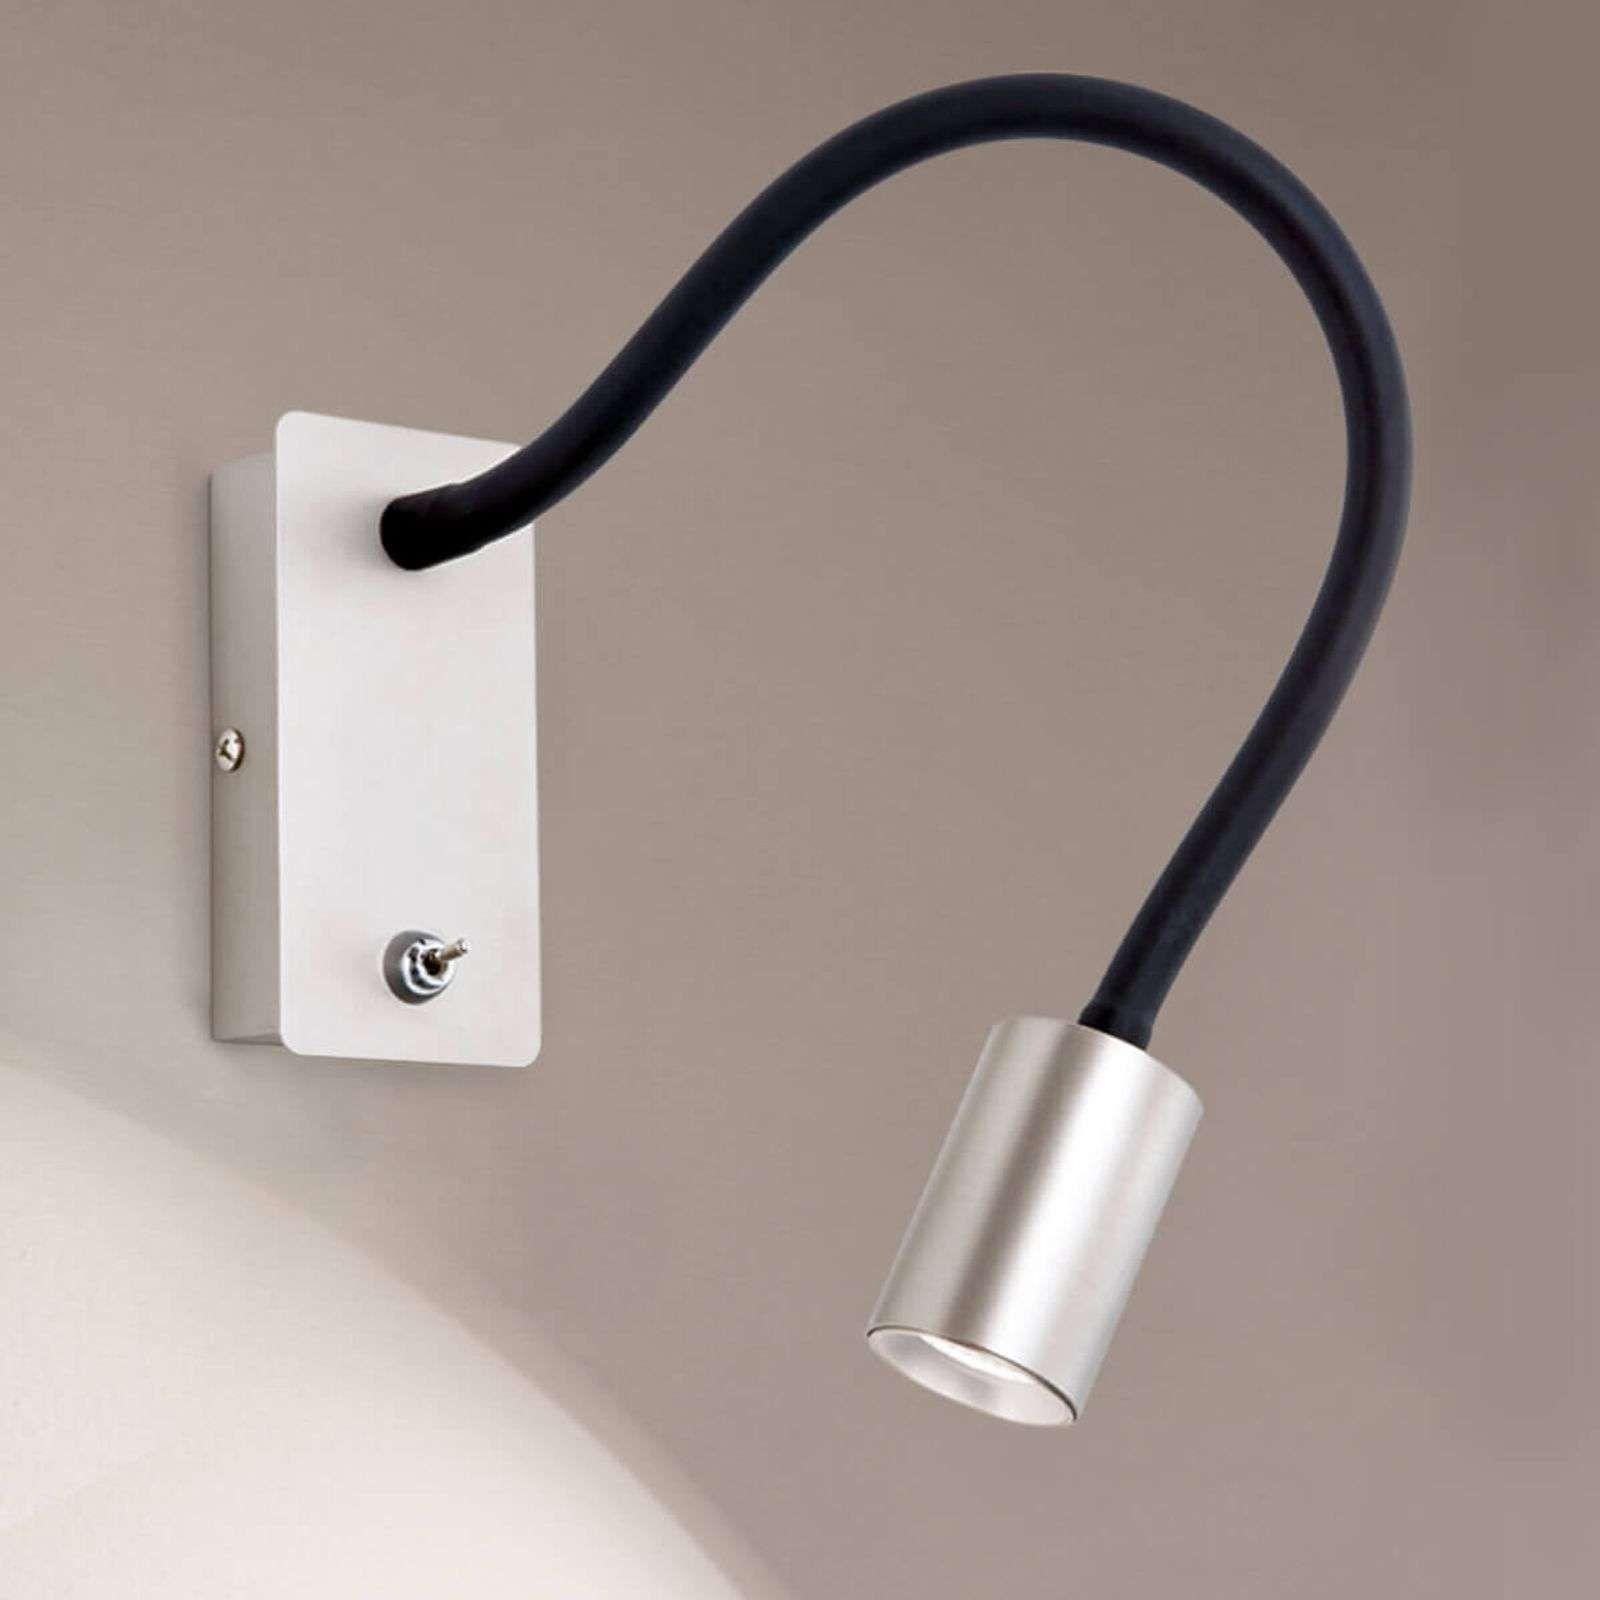 50er Jahre Tutenlampe Stehlampe Rockabilly 50s Messinglampe Nierentisch Stil Retro Leselampe Von Mehrschein Auf Etsy Lamp Bases Lamp Novelty Lamp